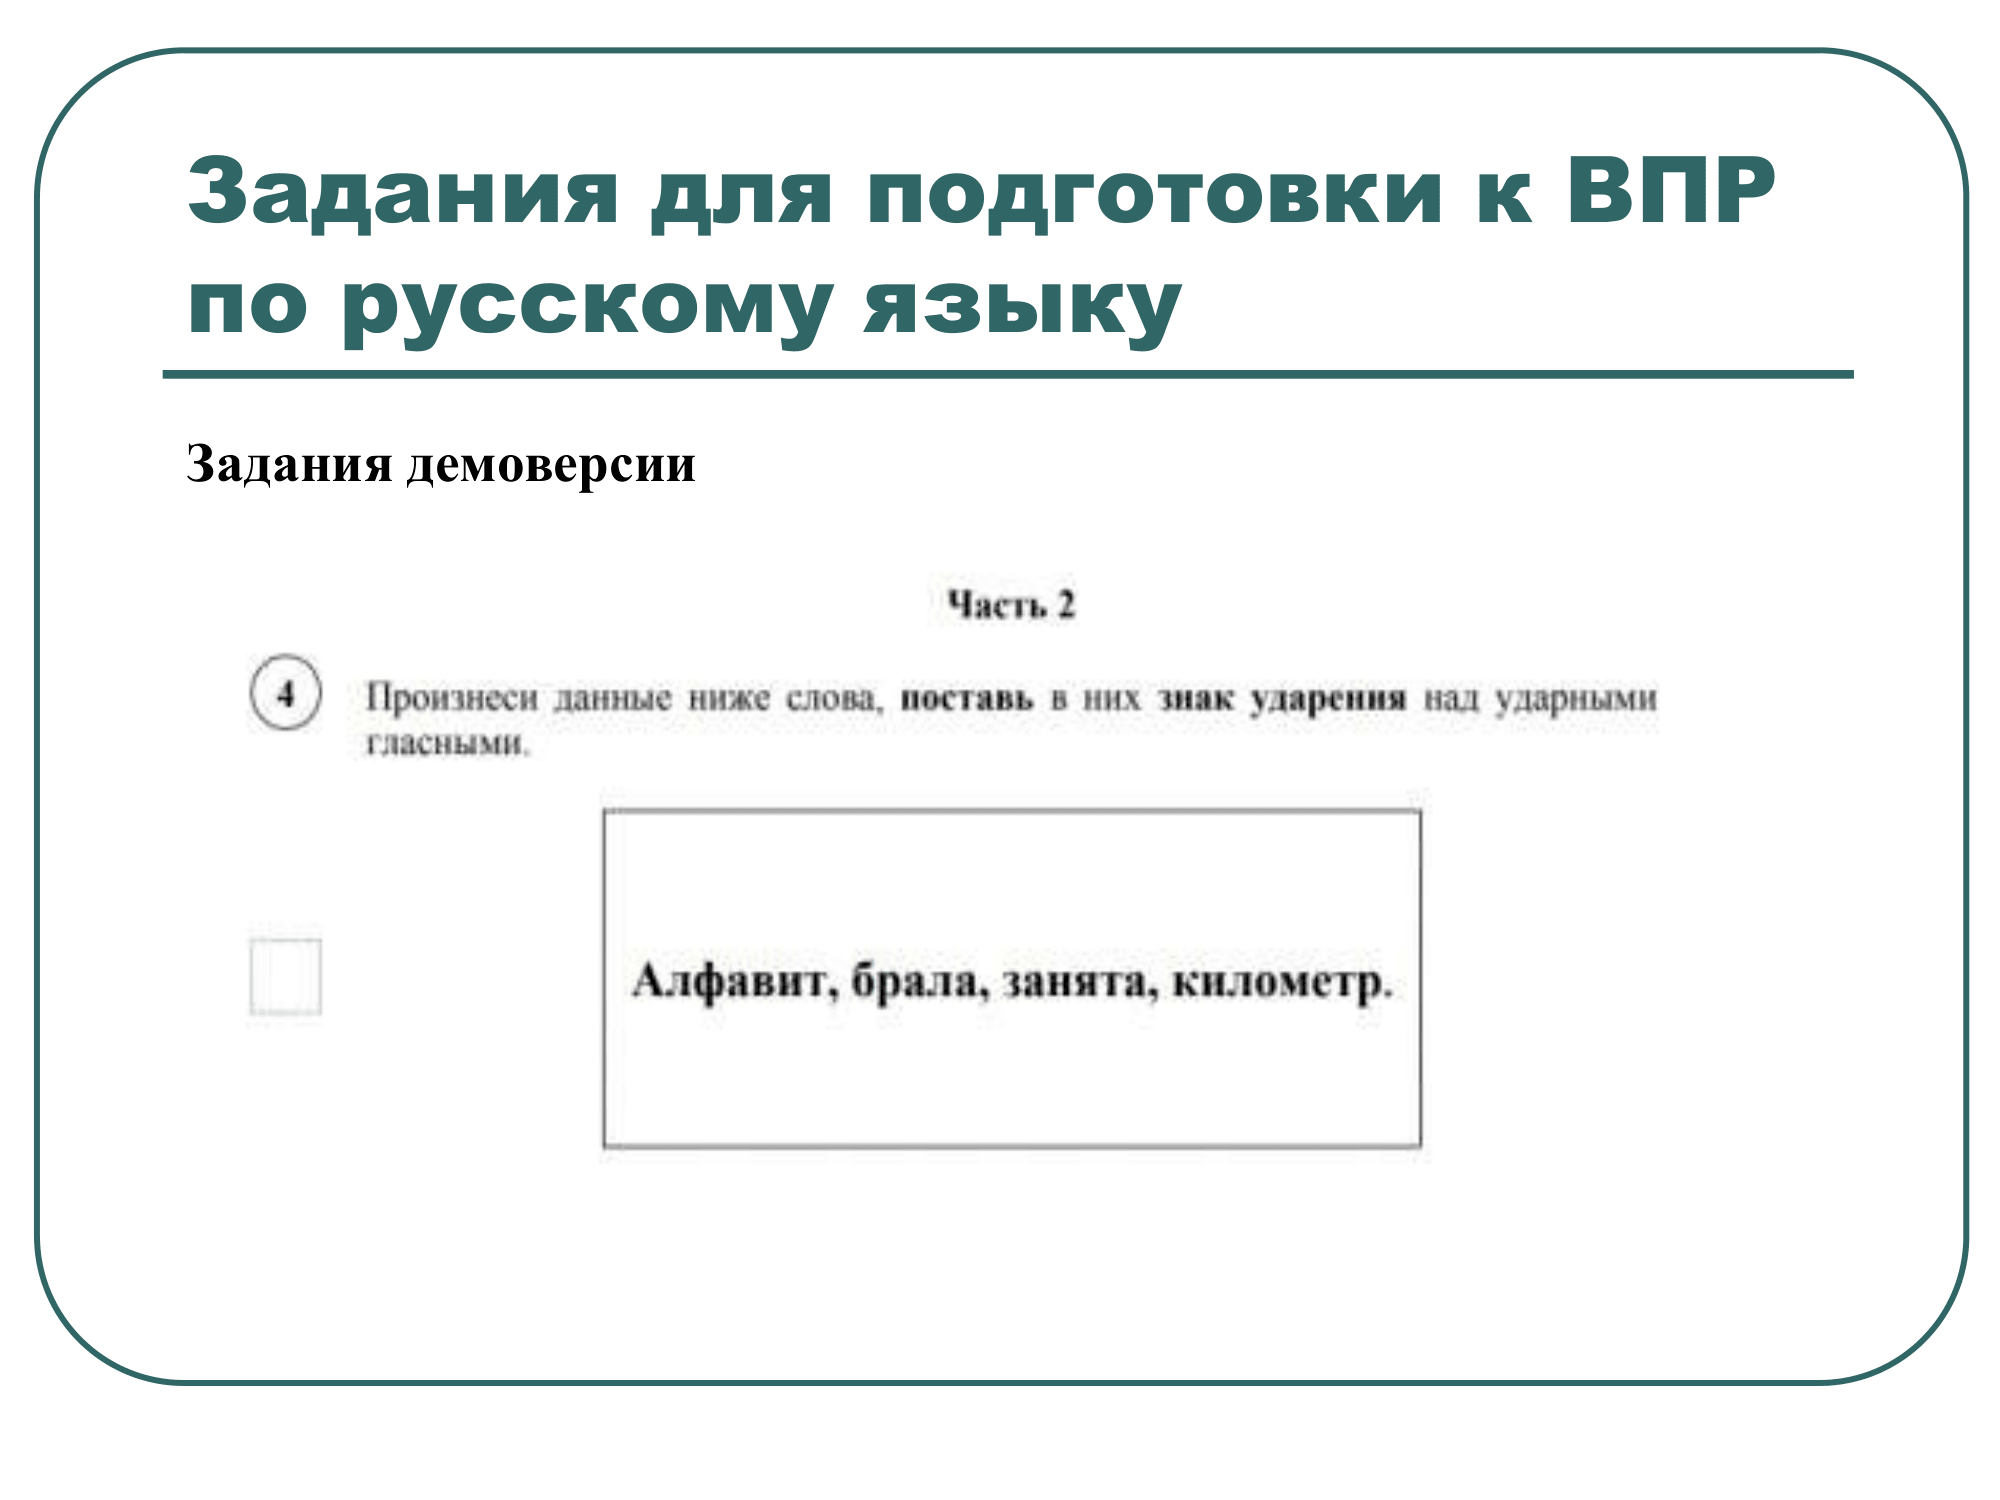 яндекс учебник. Презентация к докладу Васильченко Т.В._0014